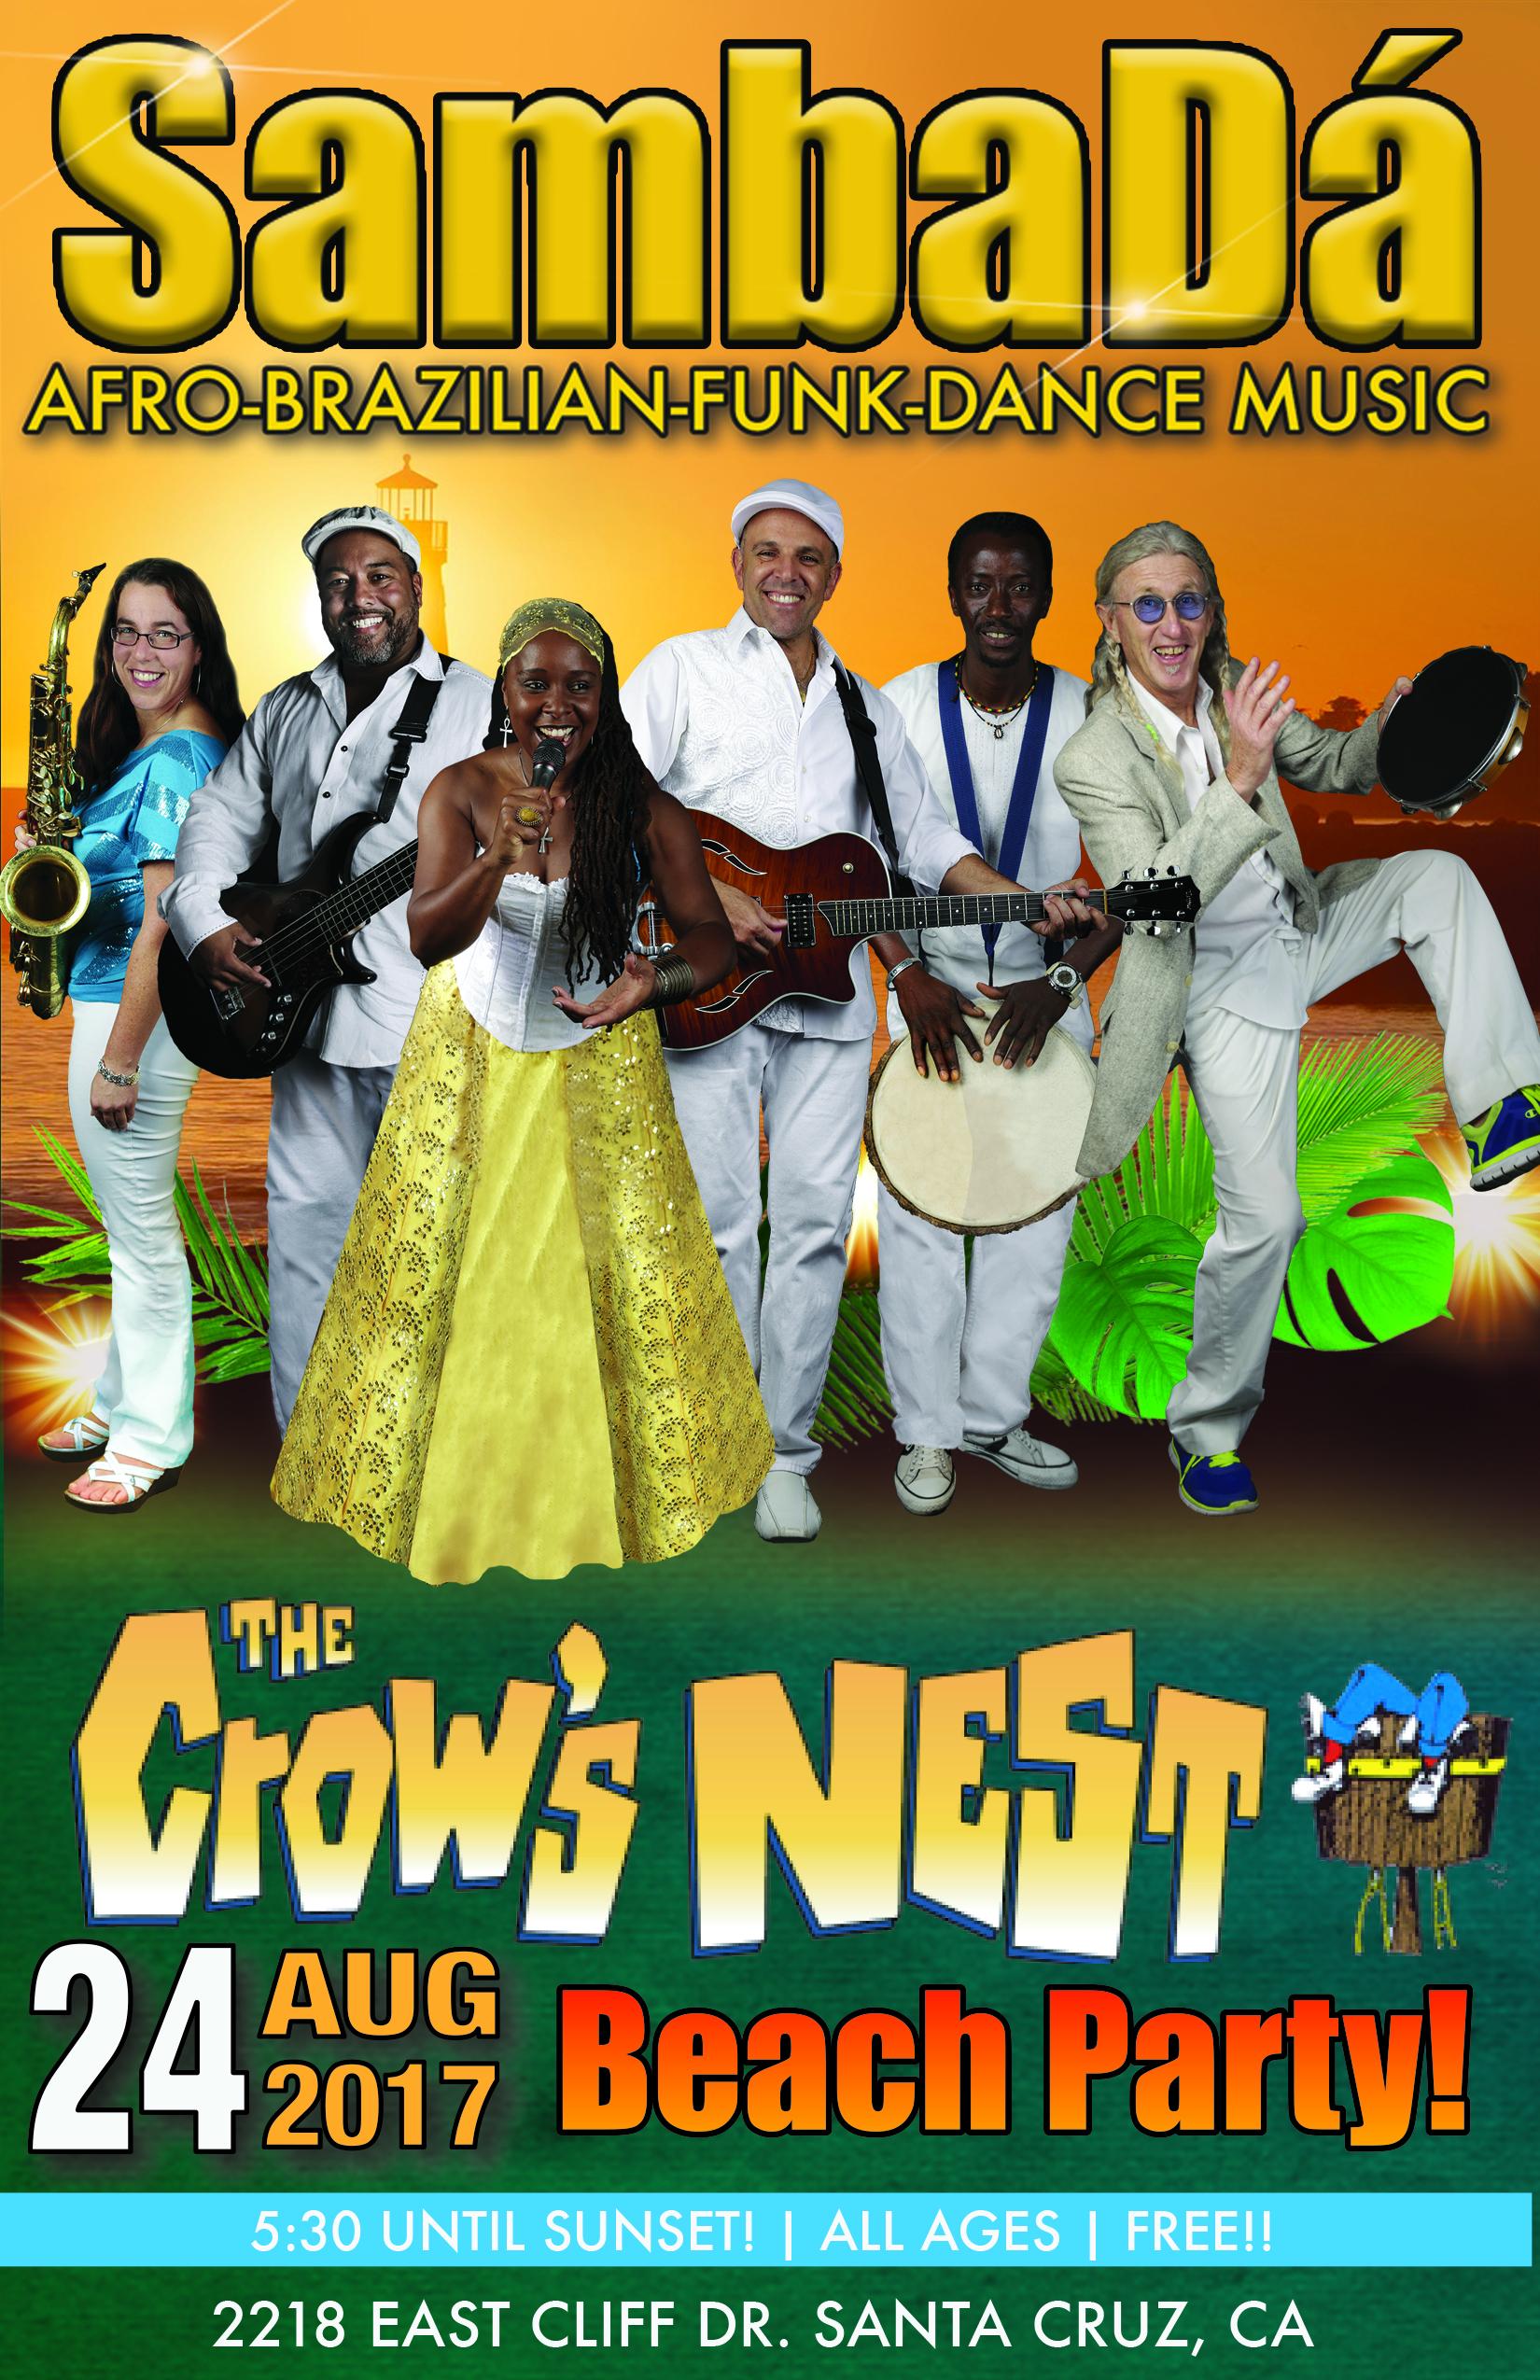 THURS.AUG.24 – CROW'S NEST BEACH PARTY – SANTA CRUZ, CA